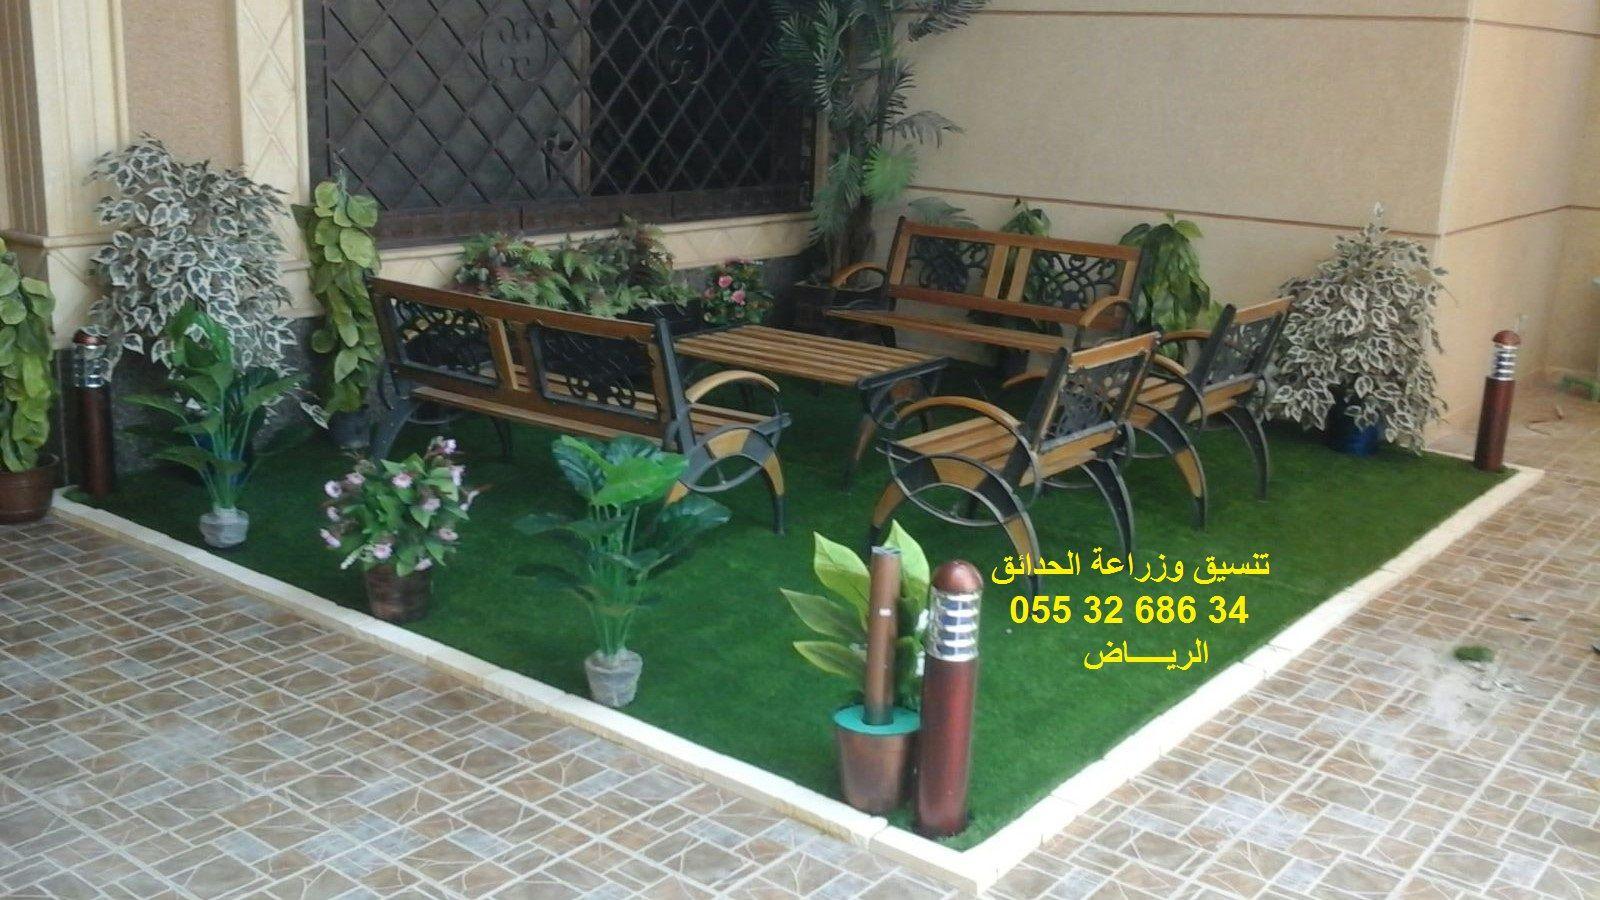 تنسيق حدائق منزلية في الرياض تنسيق حدائق منزلية يوتيوب تنسيق حدائق منزليه تنسيق حدائق منزليه جده تنسيق حدائق منزليه جميله تنسيق حدائ Outdoor Decor Patio Design